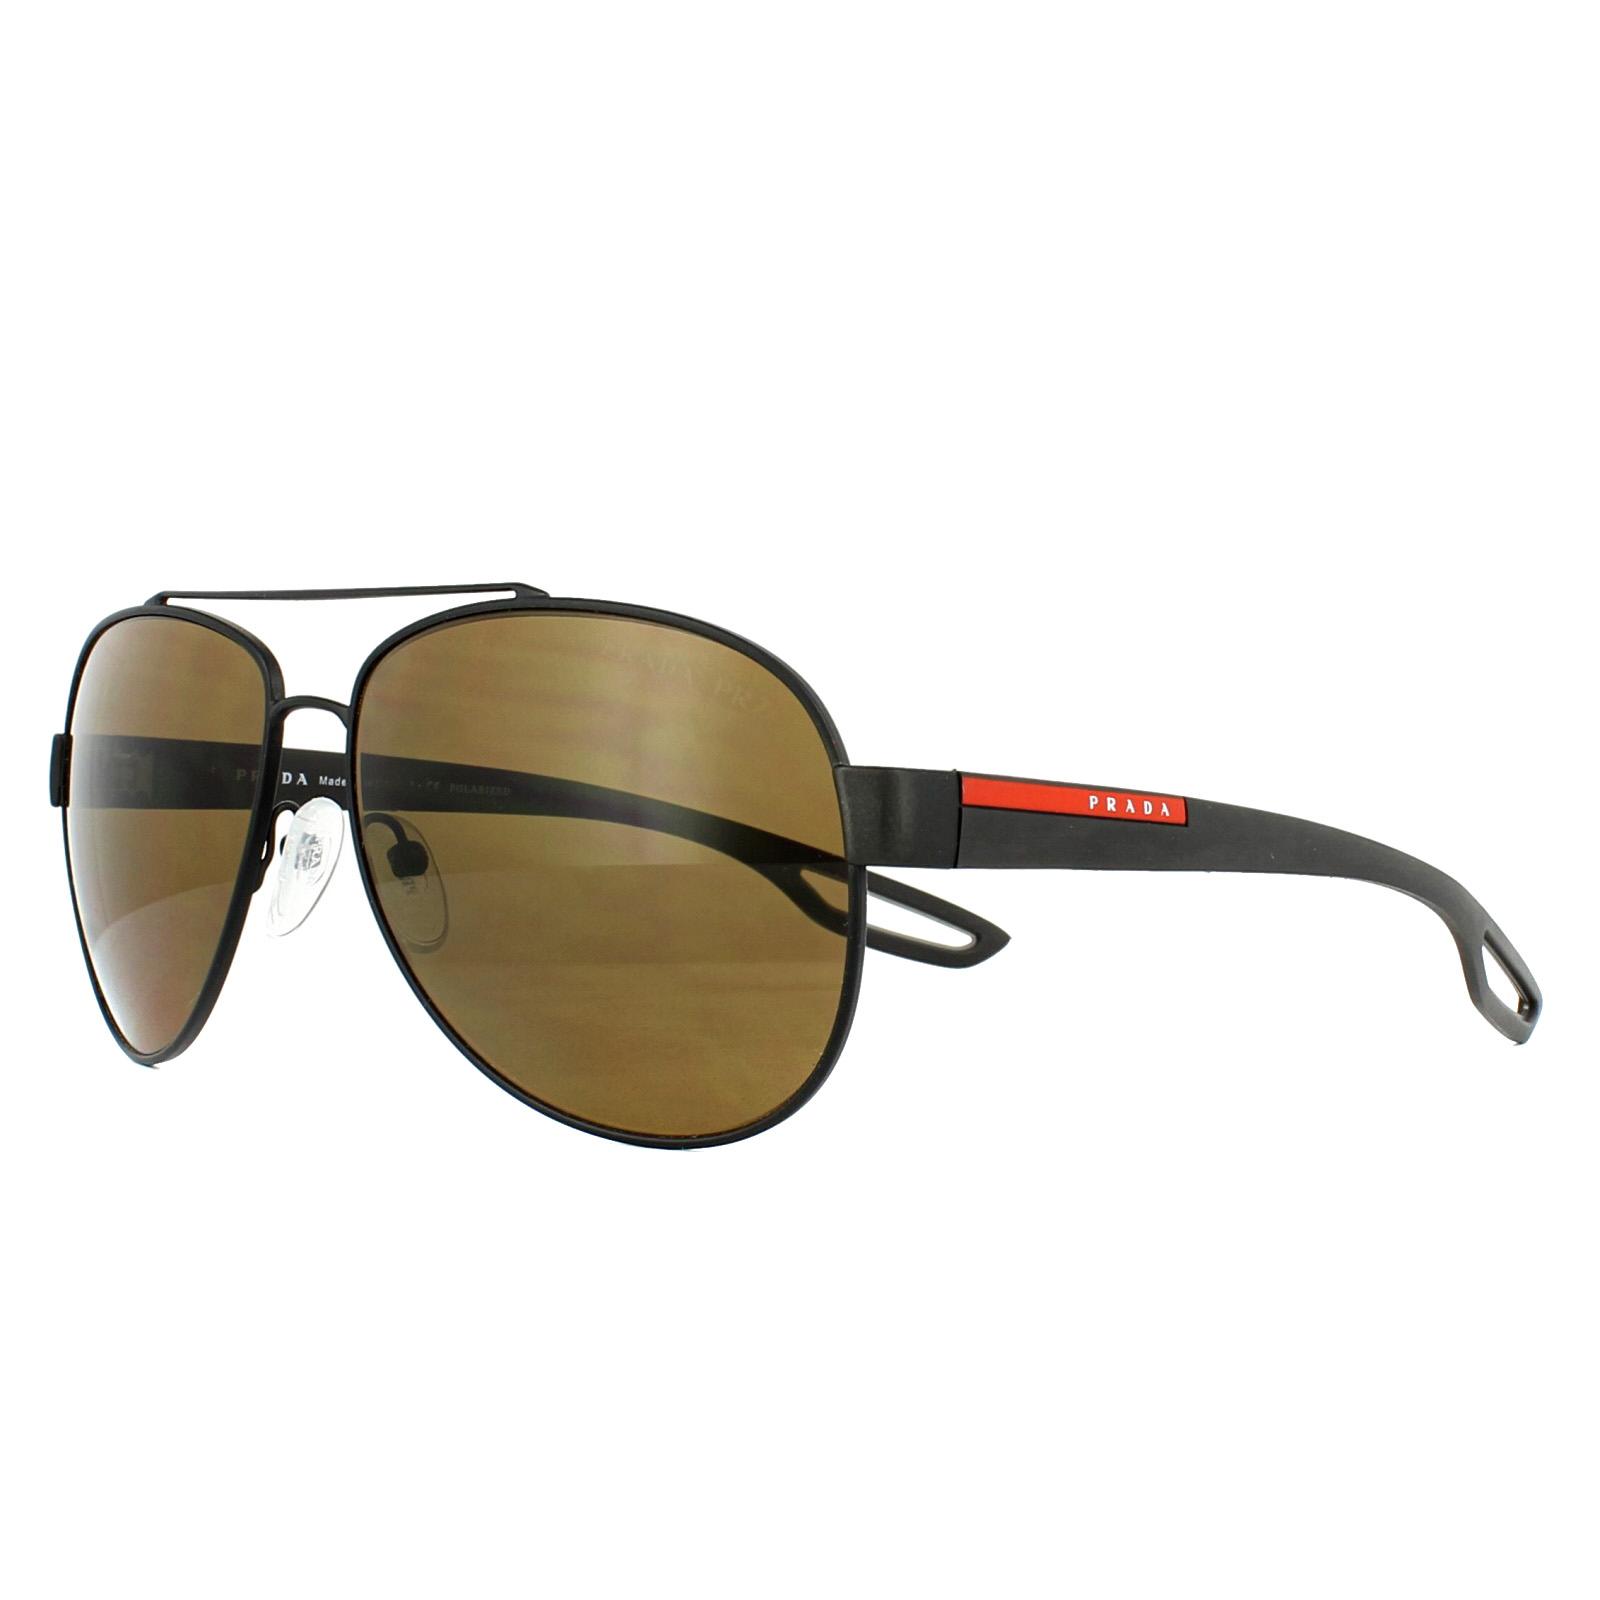 d859181489609 CENTINELA Prada Sport gafas de sol 55QS UEA5Y1 goma marrón marrón polarizado  62mm